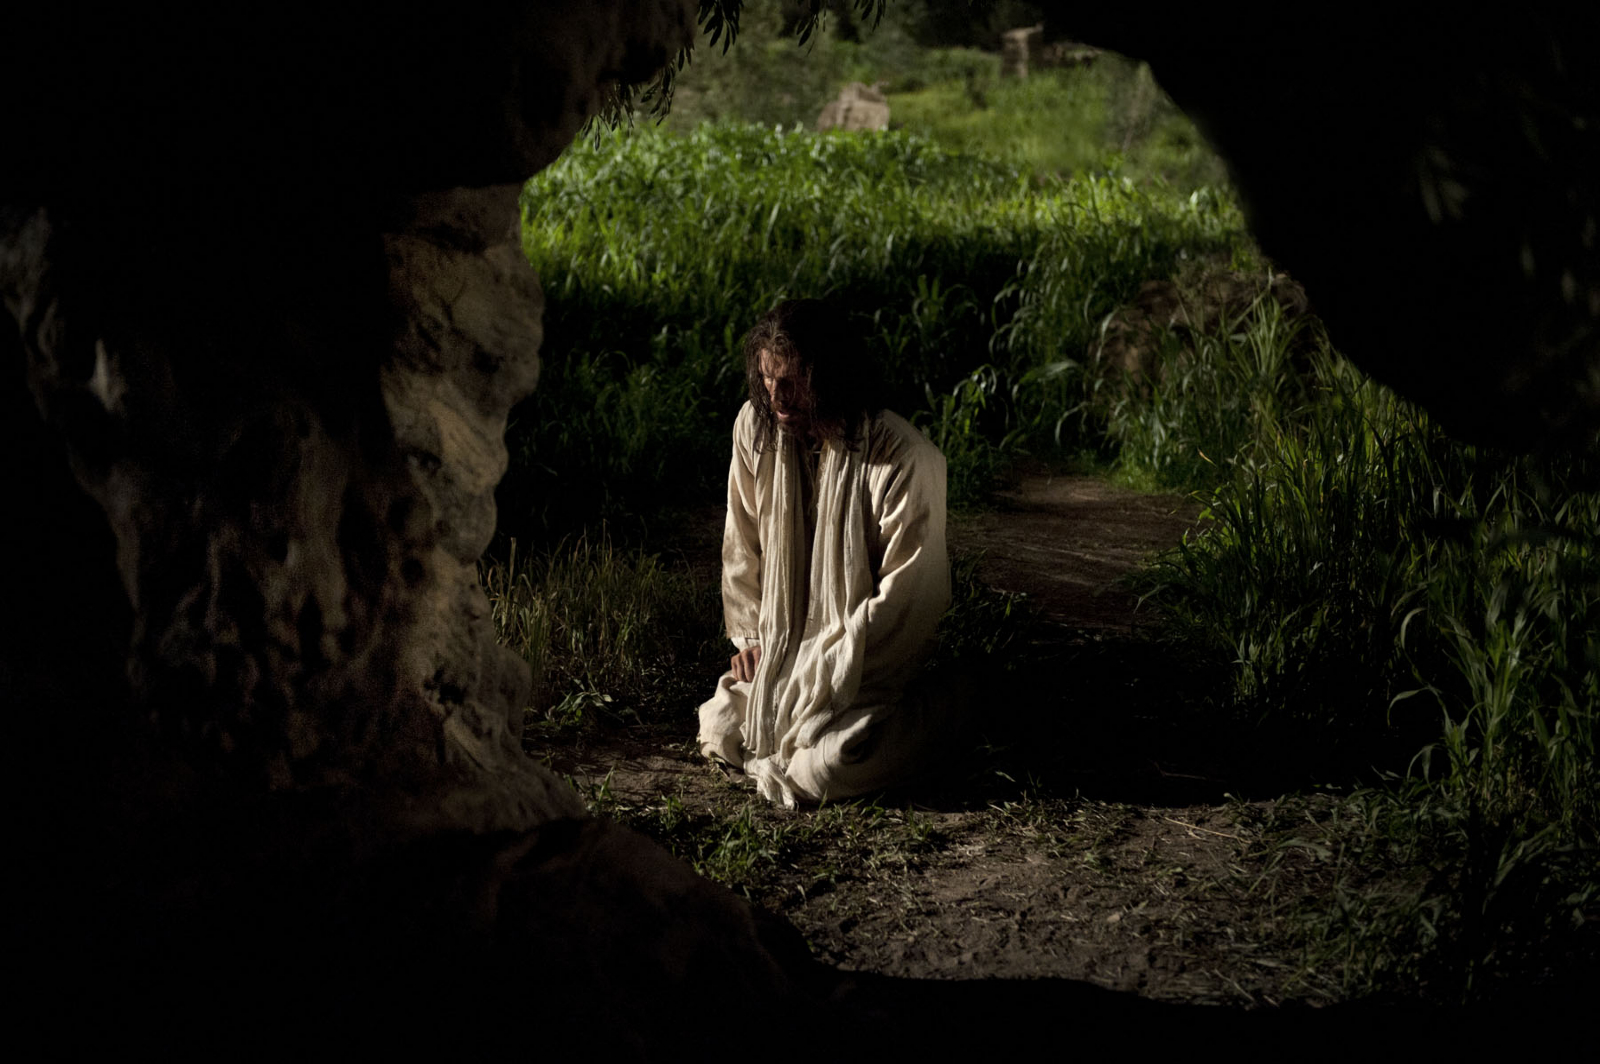 Cristo se arrodilla en el jardín de Getsemaní